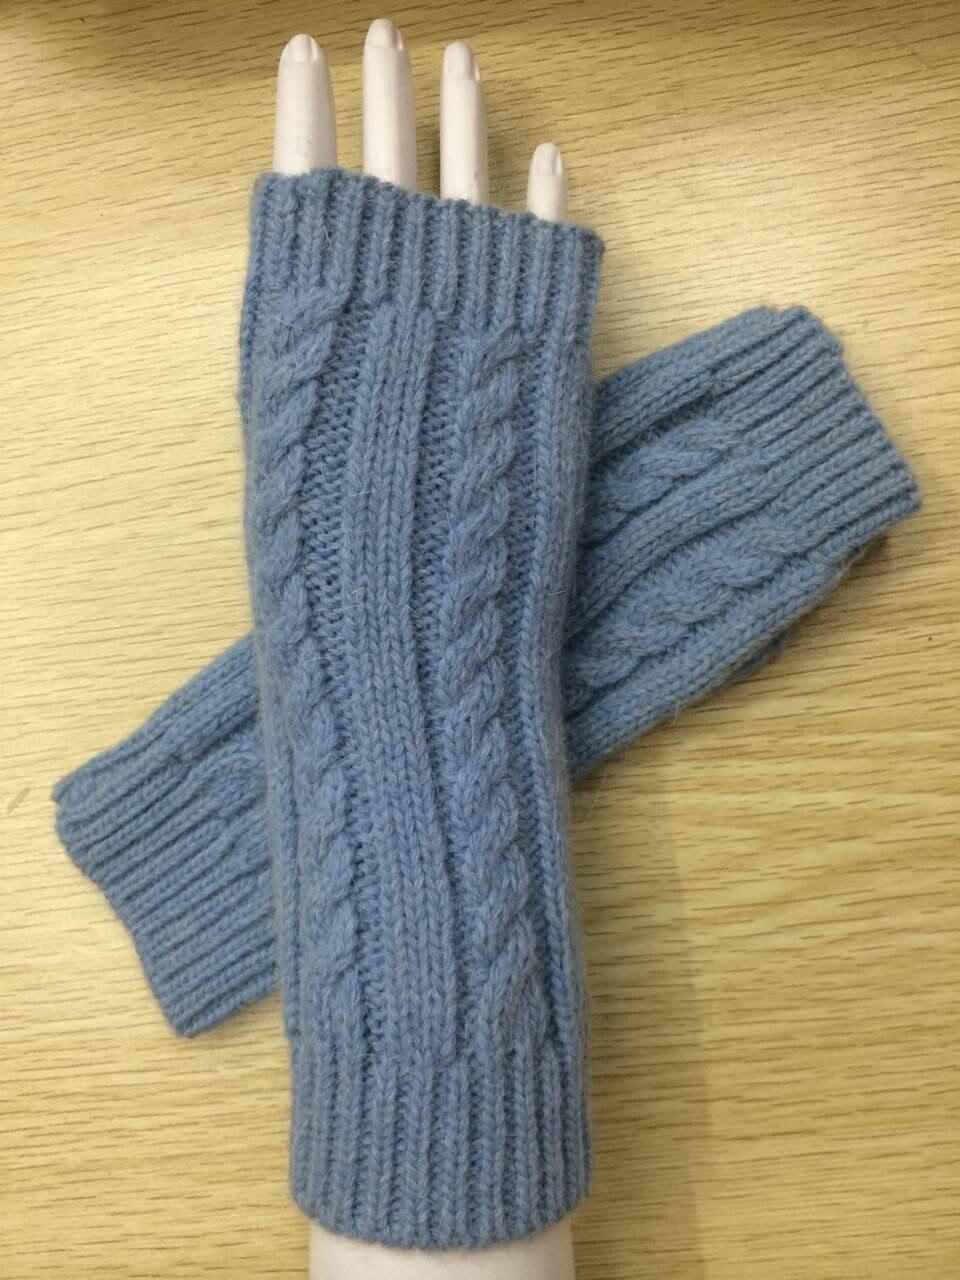 PräZise Einfarbig Hand Gestrickte Frauen Handschuhe Handgelenk Arm Wärmer Winter Halbhand Mitten Dropship Damen-accessoires